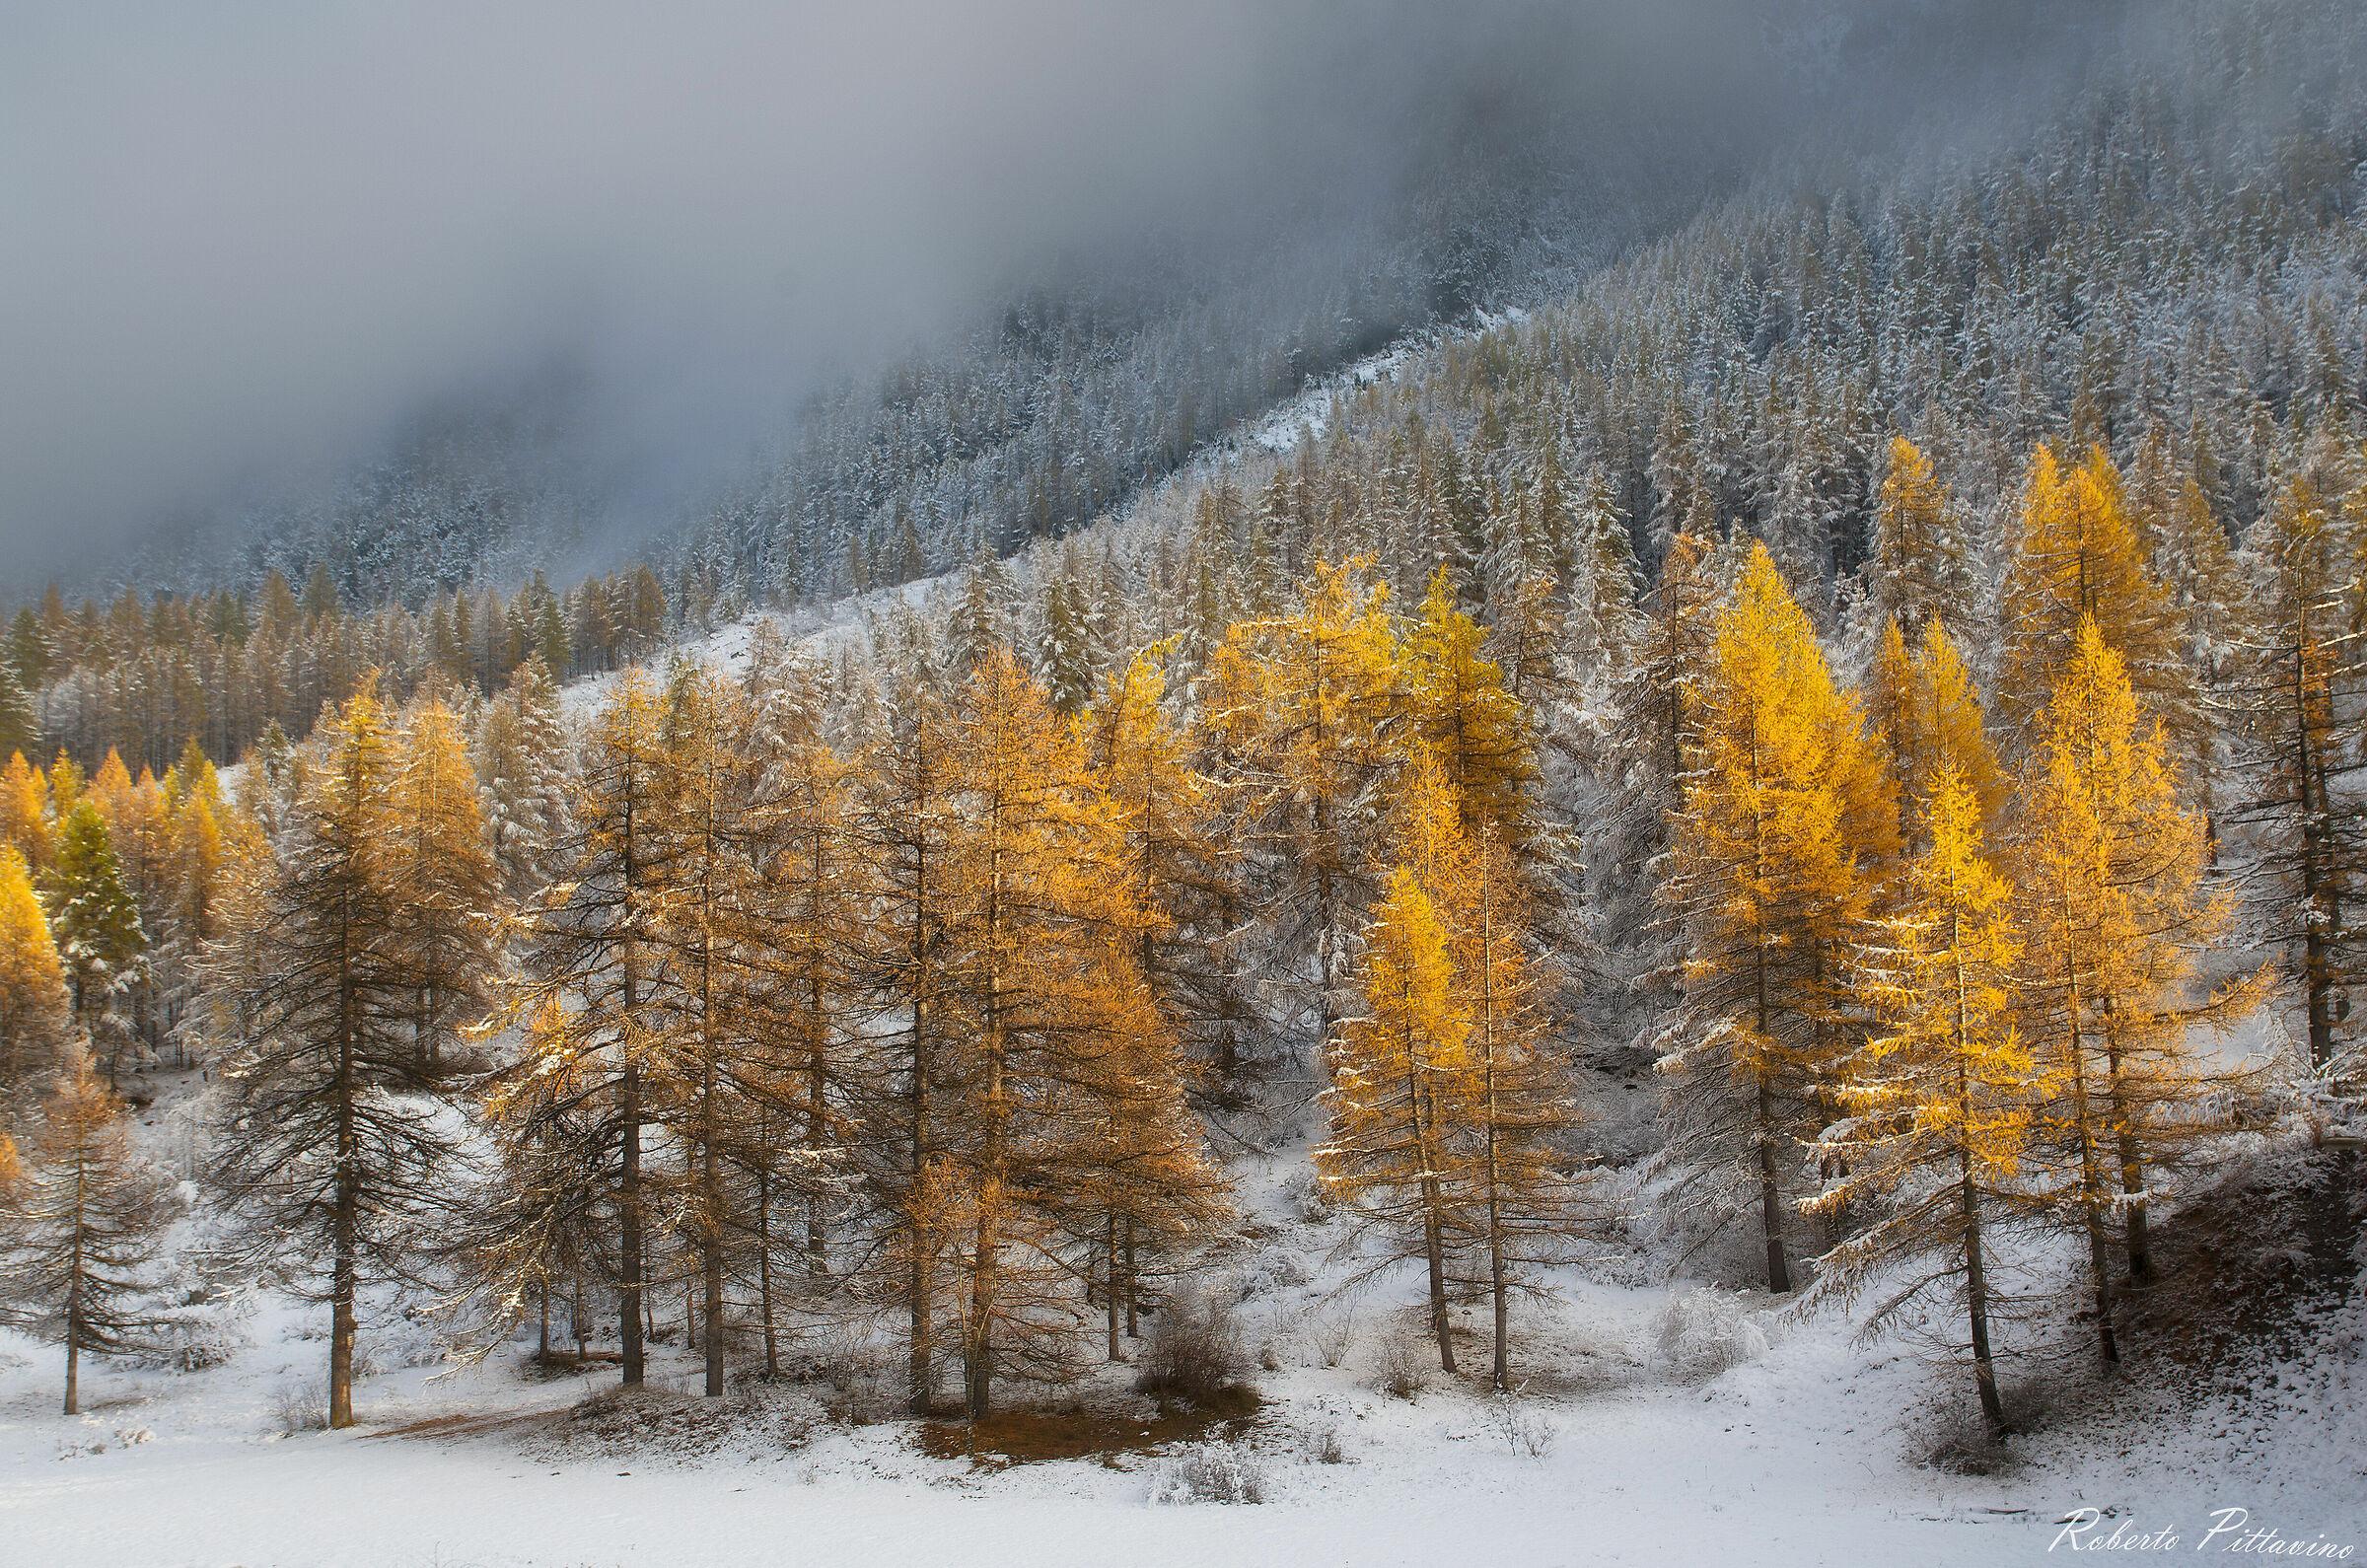 When winter embraces autumn...